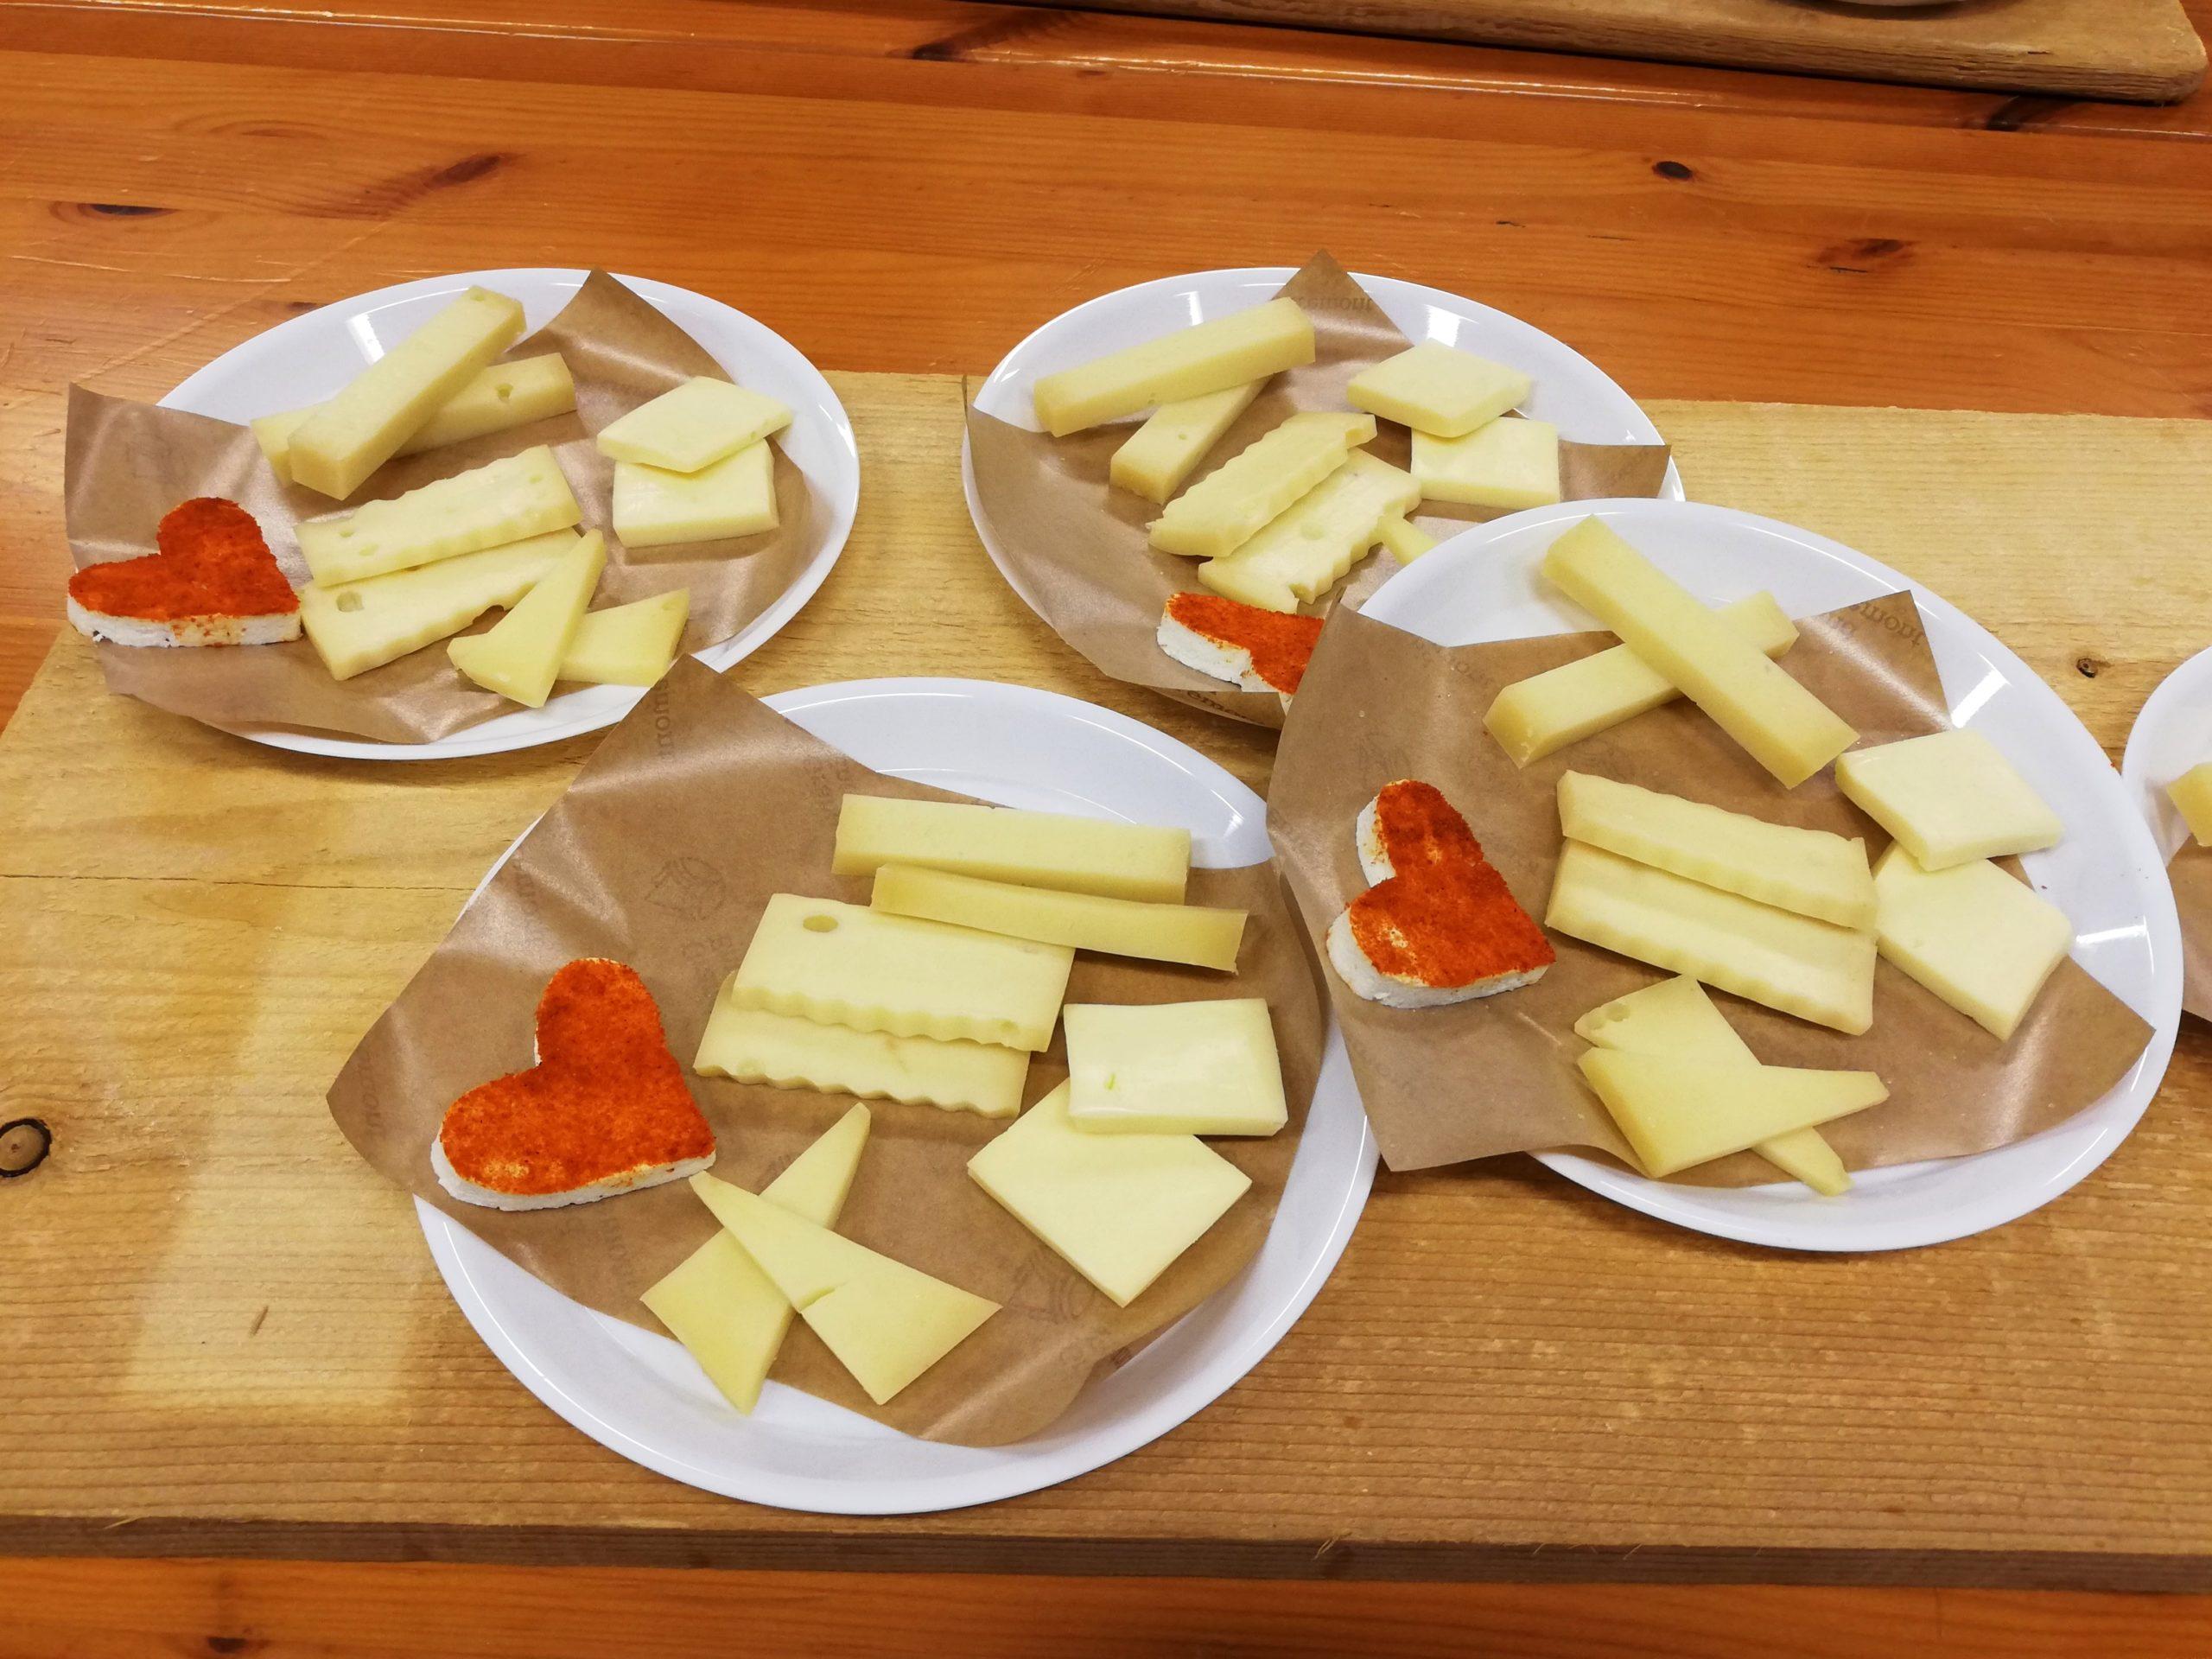 Slow Food Travel en Suisse dégustation de fromages